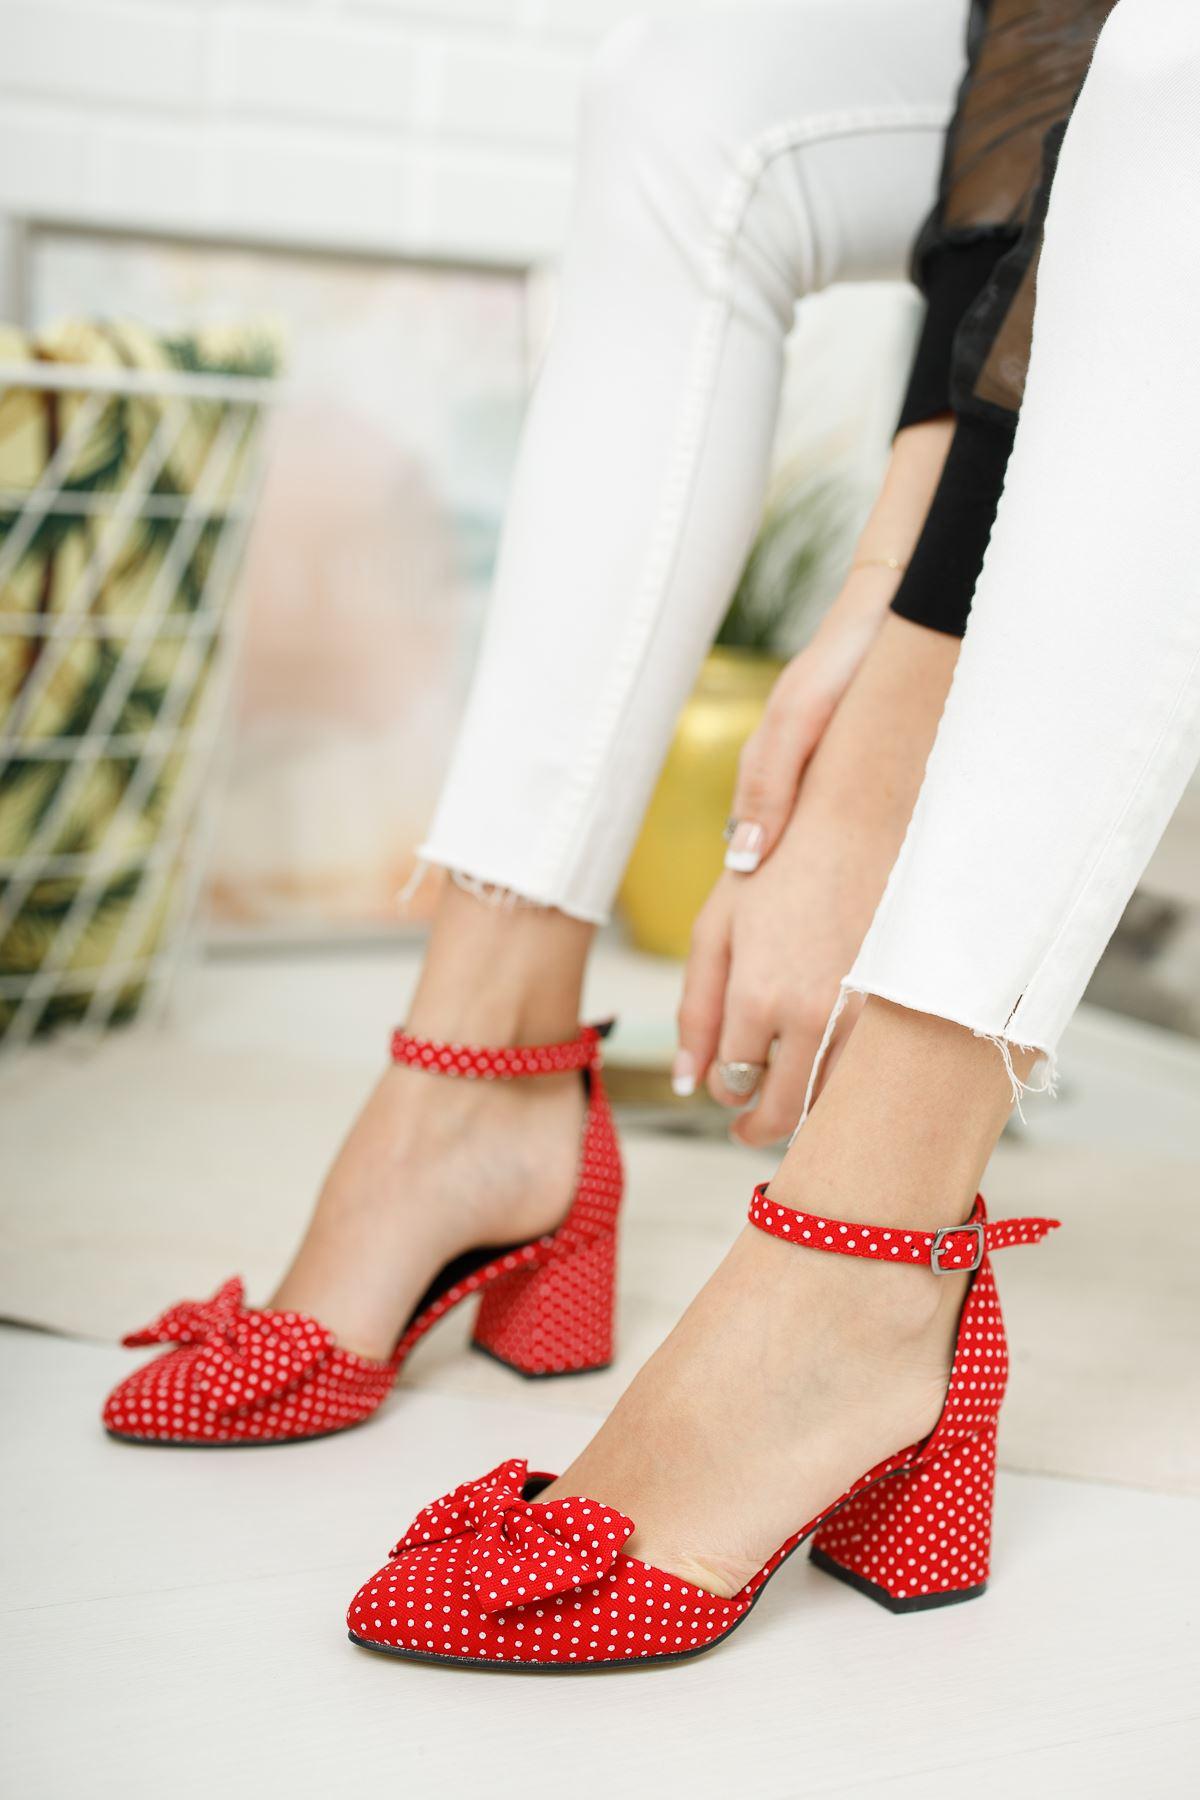 Kadın Polder Puantiye Hafif Topuklu Kırmızı Ayakkabı